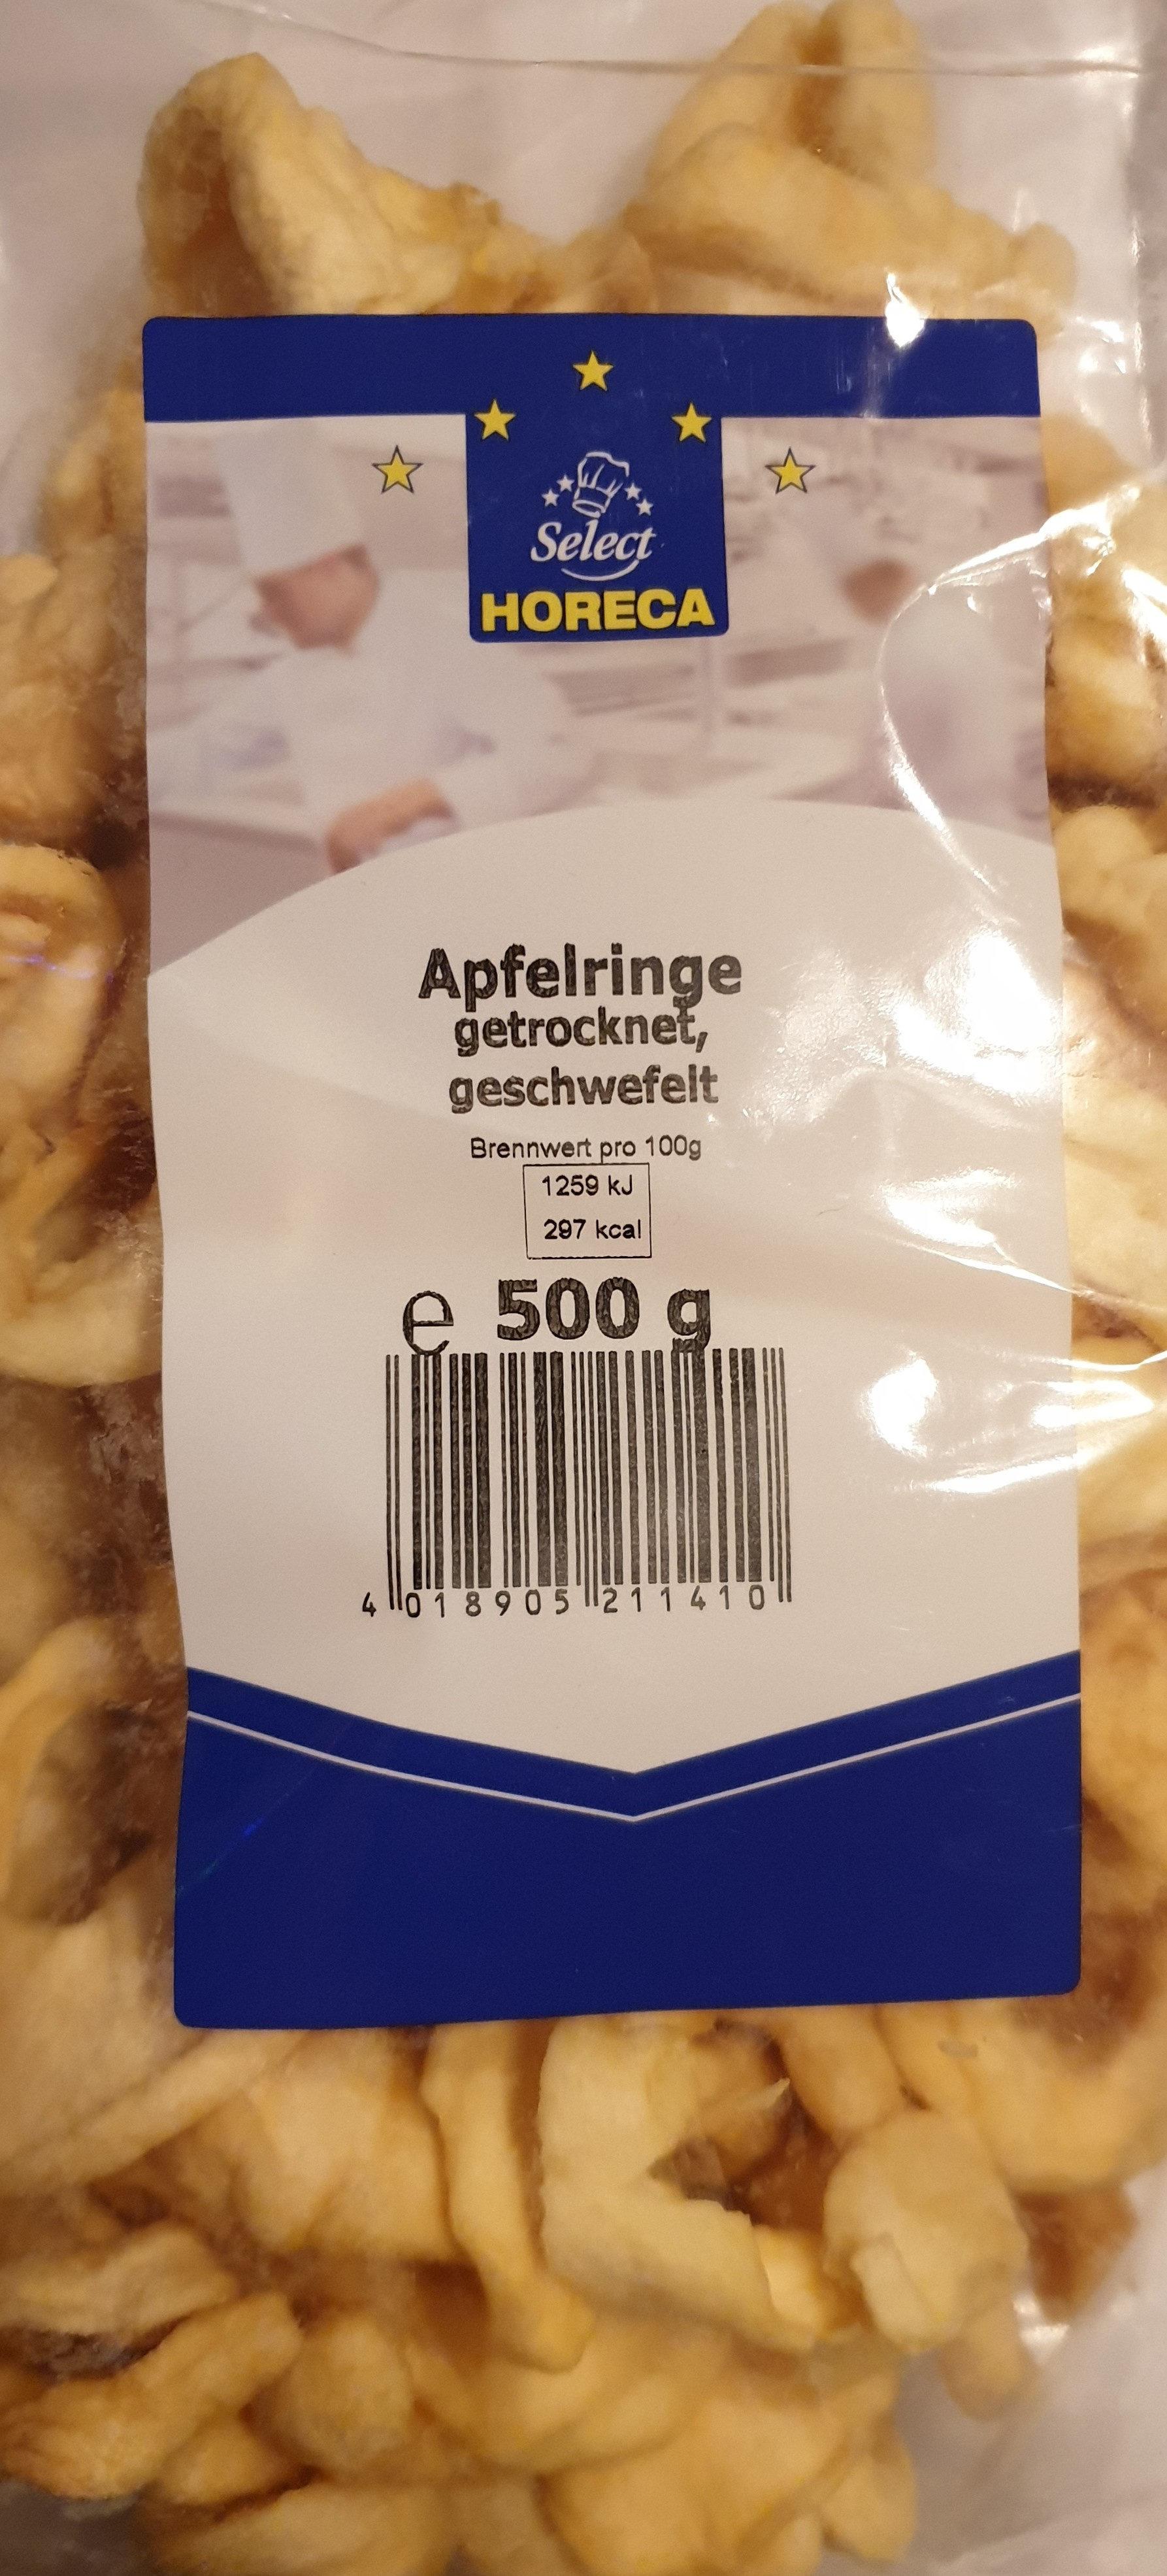 Apfelringe getrocknet, geschwefelt - Produit - de